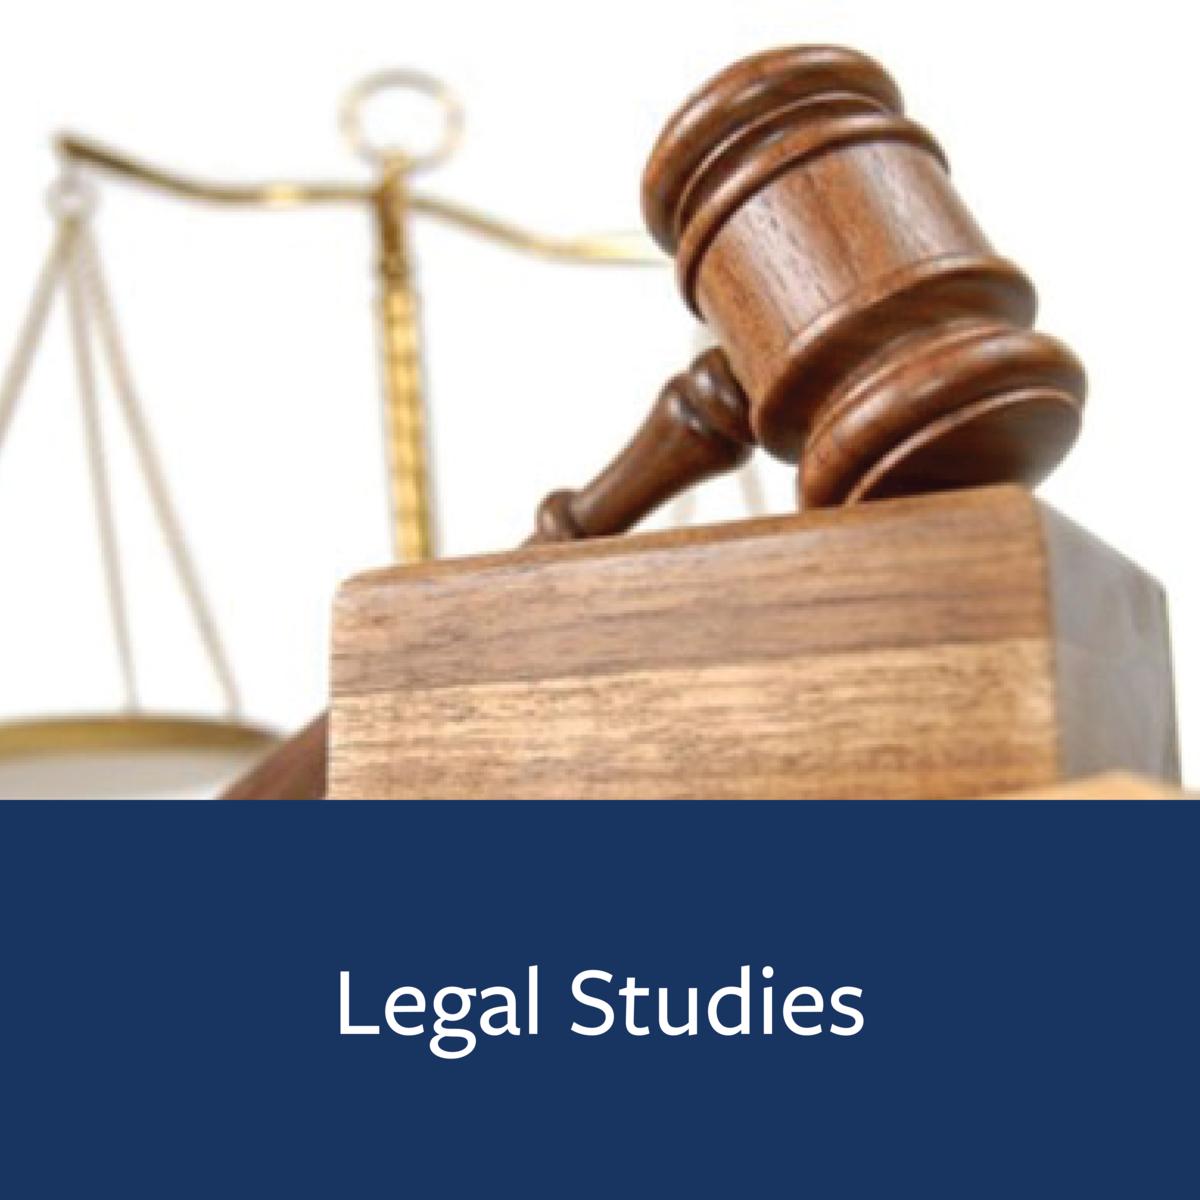 Legal Studies Major Map